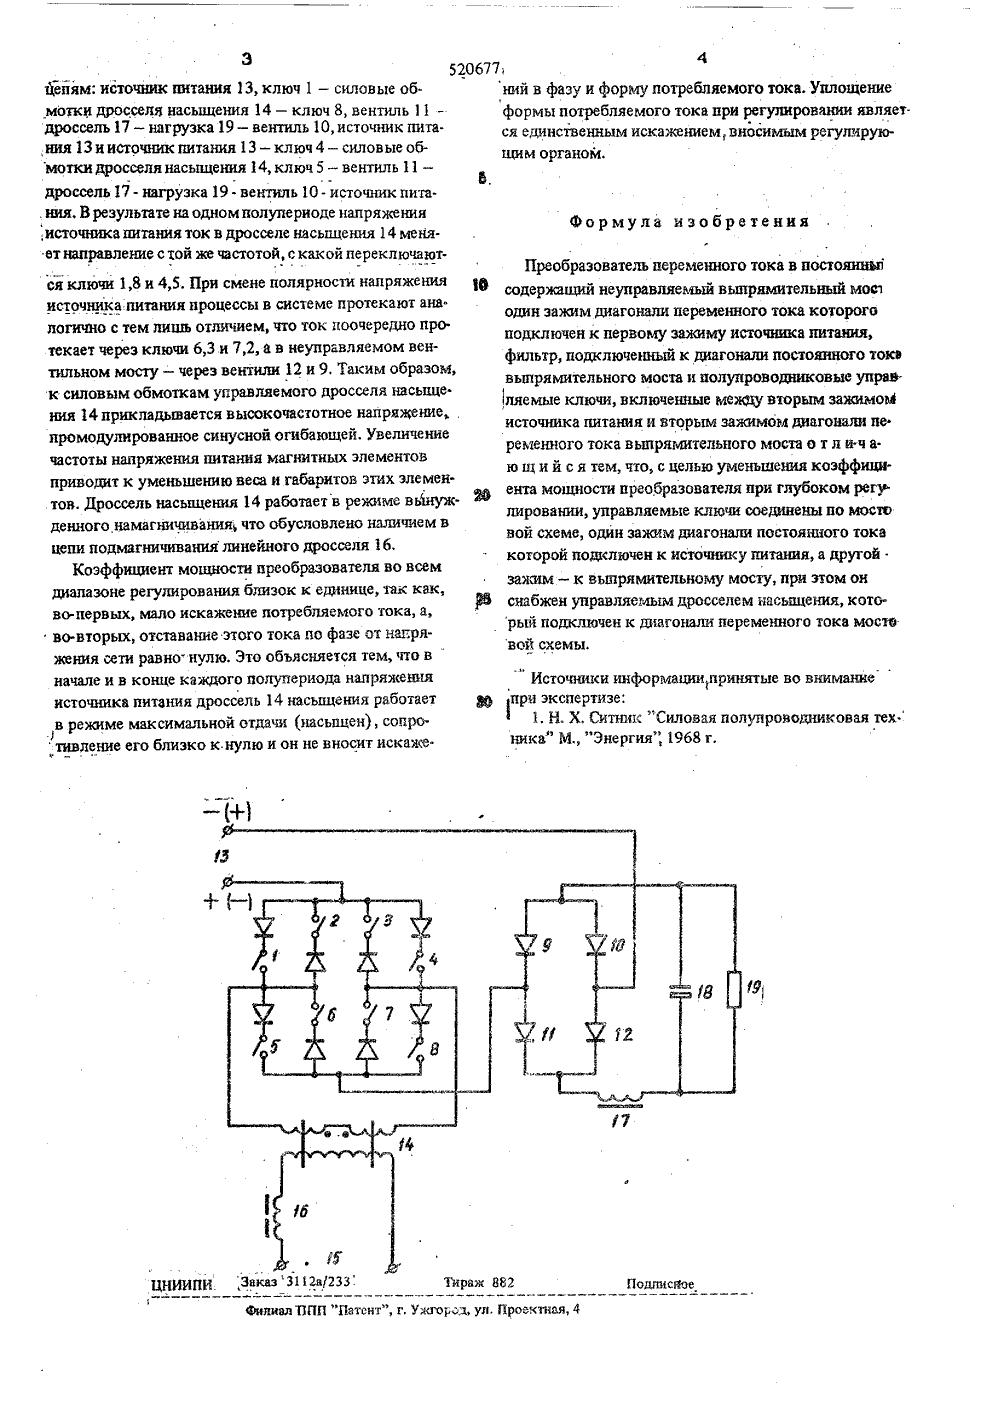 Устройство для управления вентильным преобразователем реверсивного электропривода постоянного тока —  su   535700